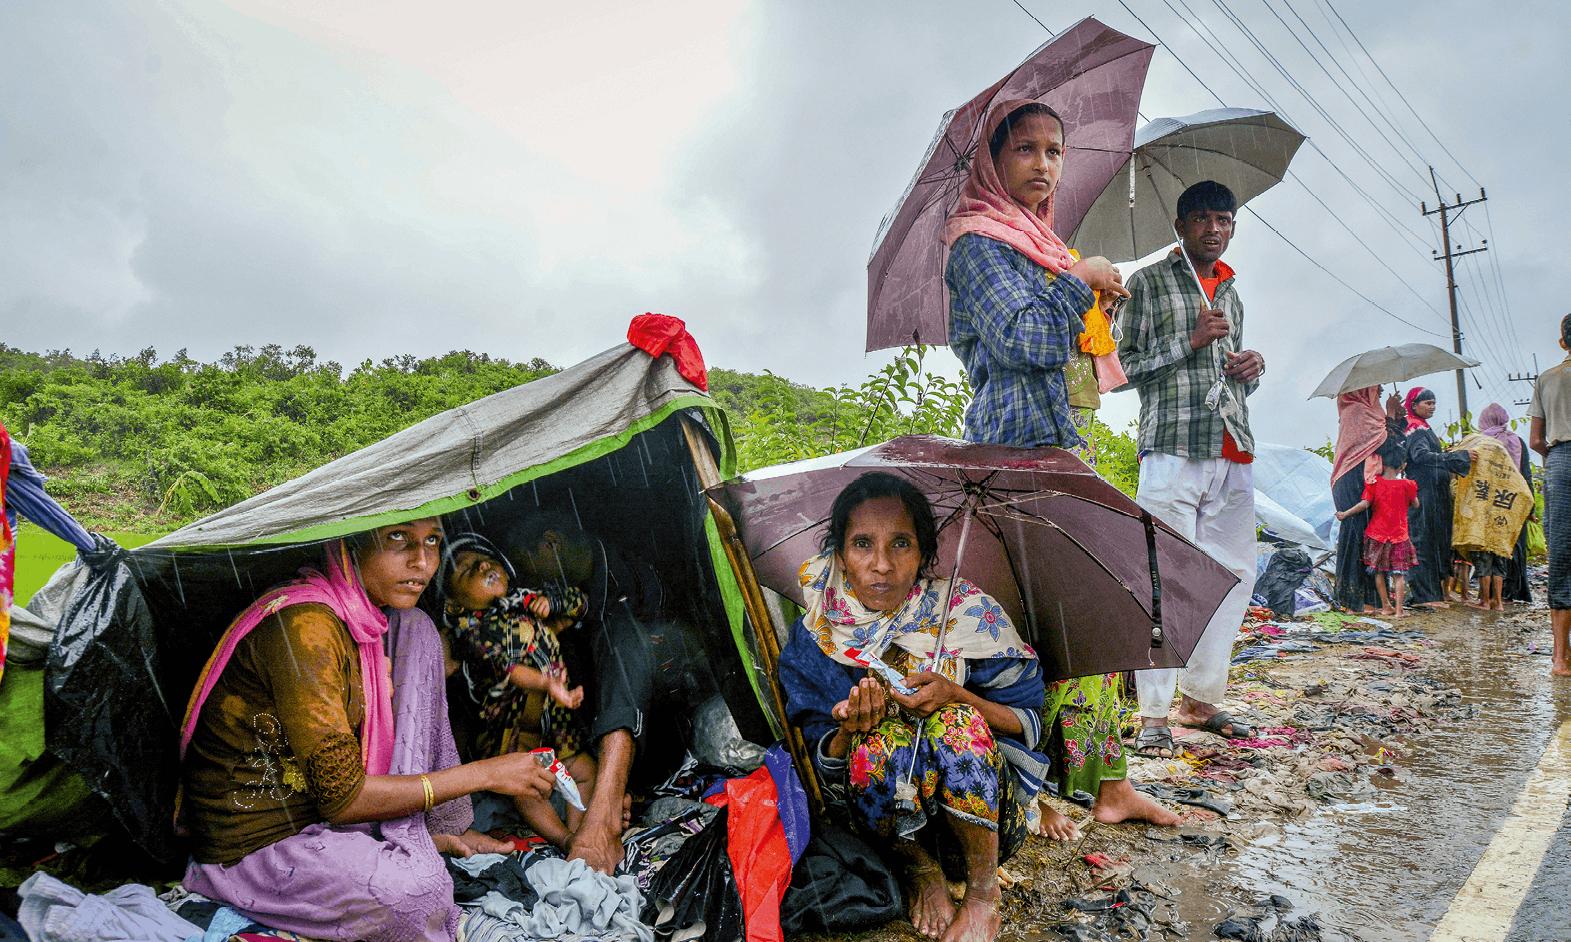 Des crimes contre l'humanité : la persécution des Rohingyas